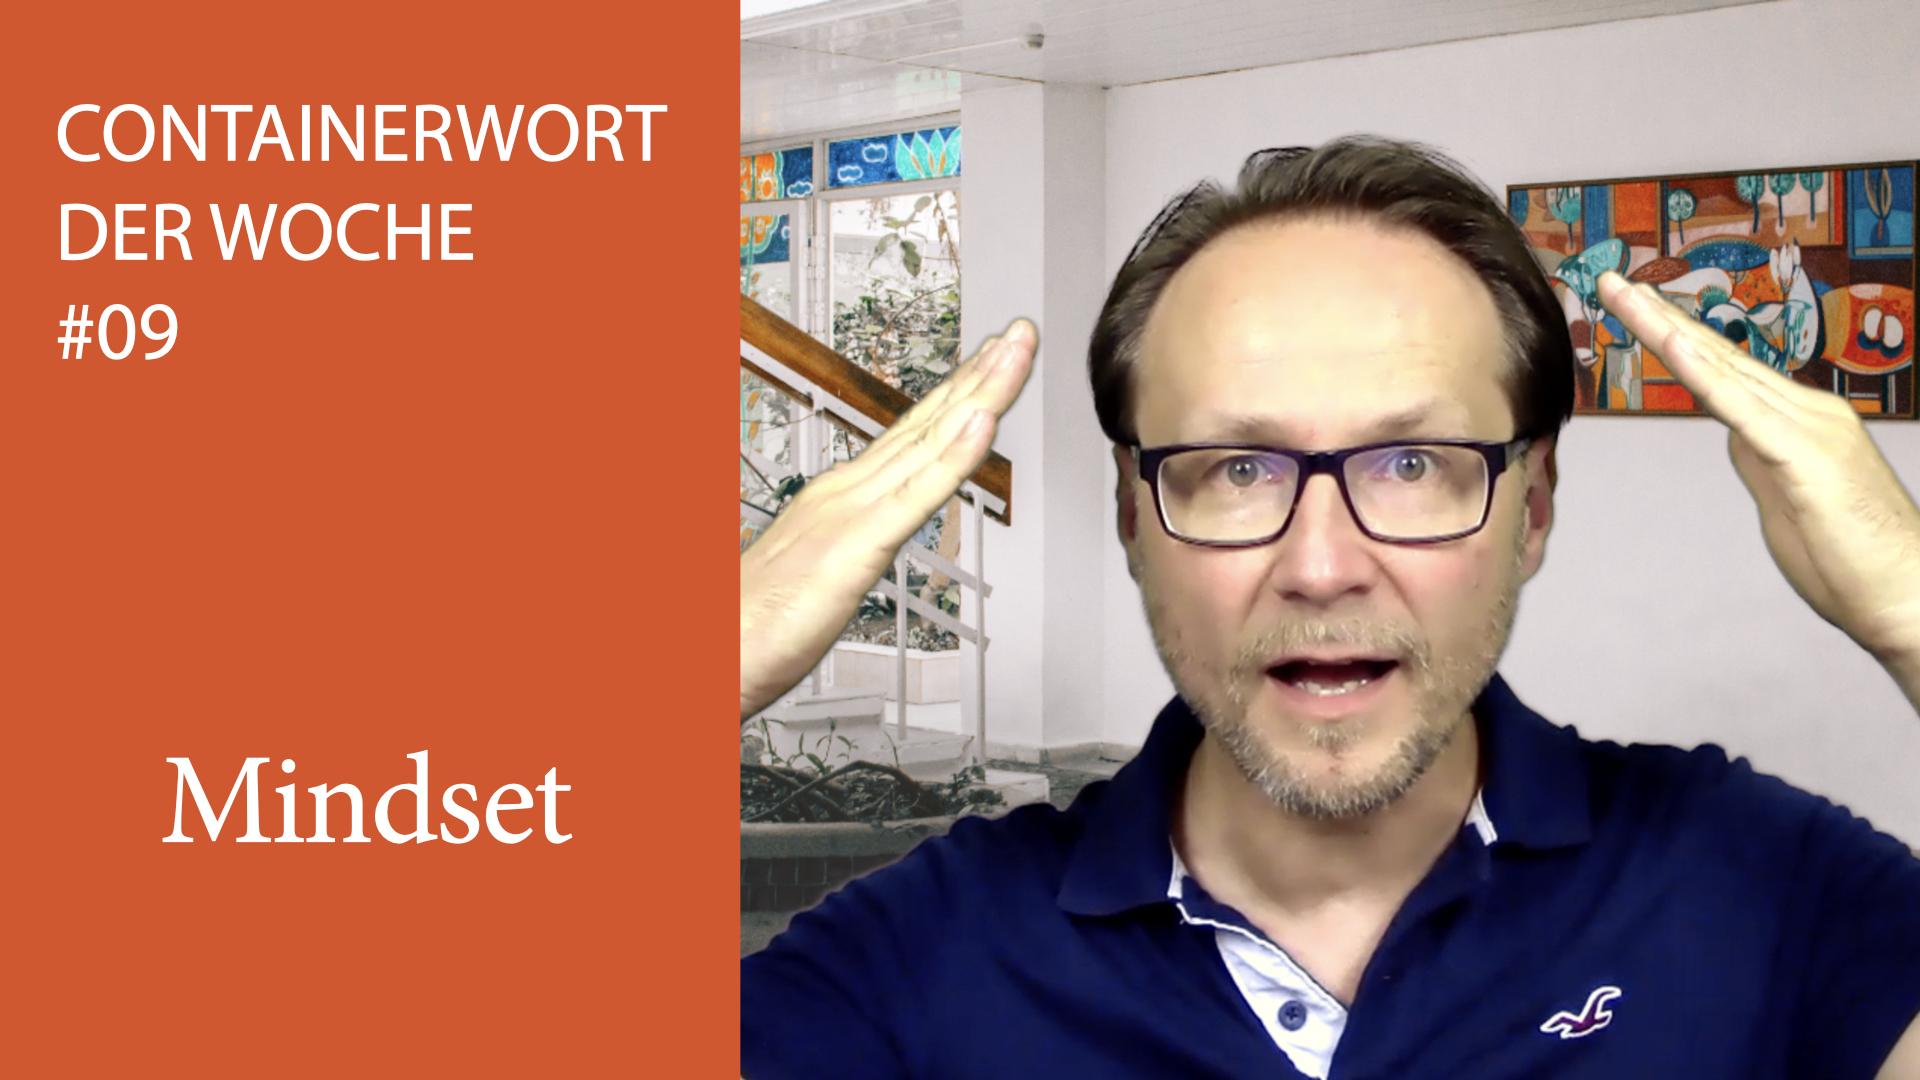 Containerwort Der Woche 09: Mindset